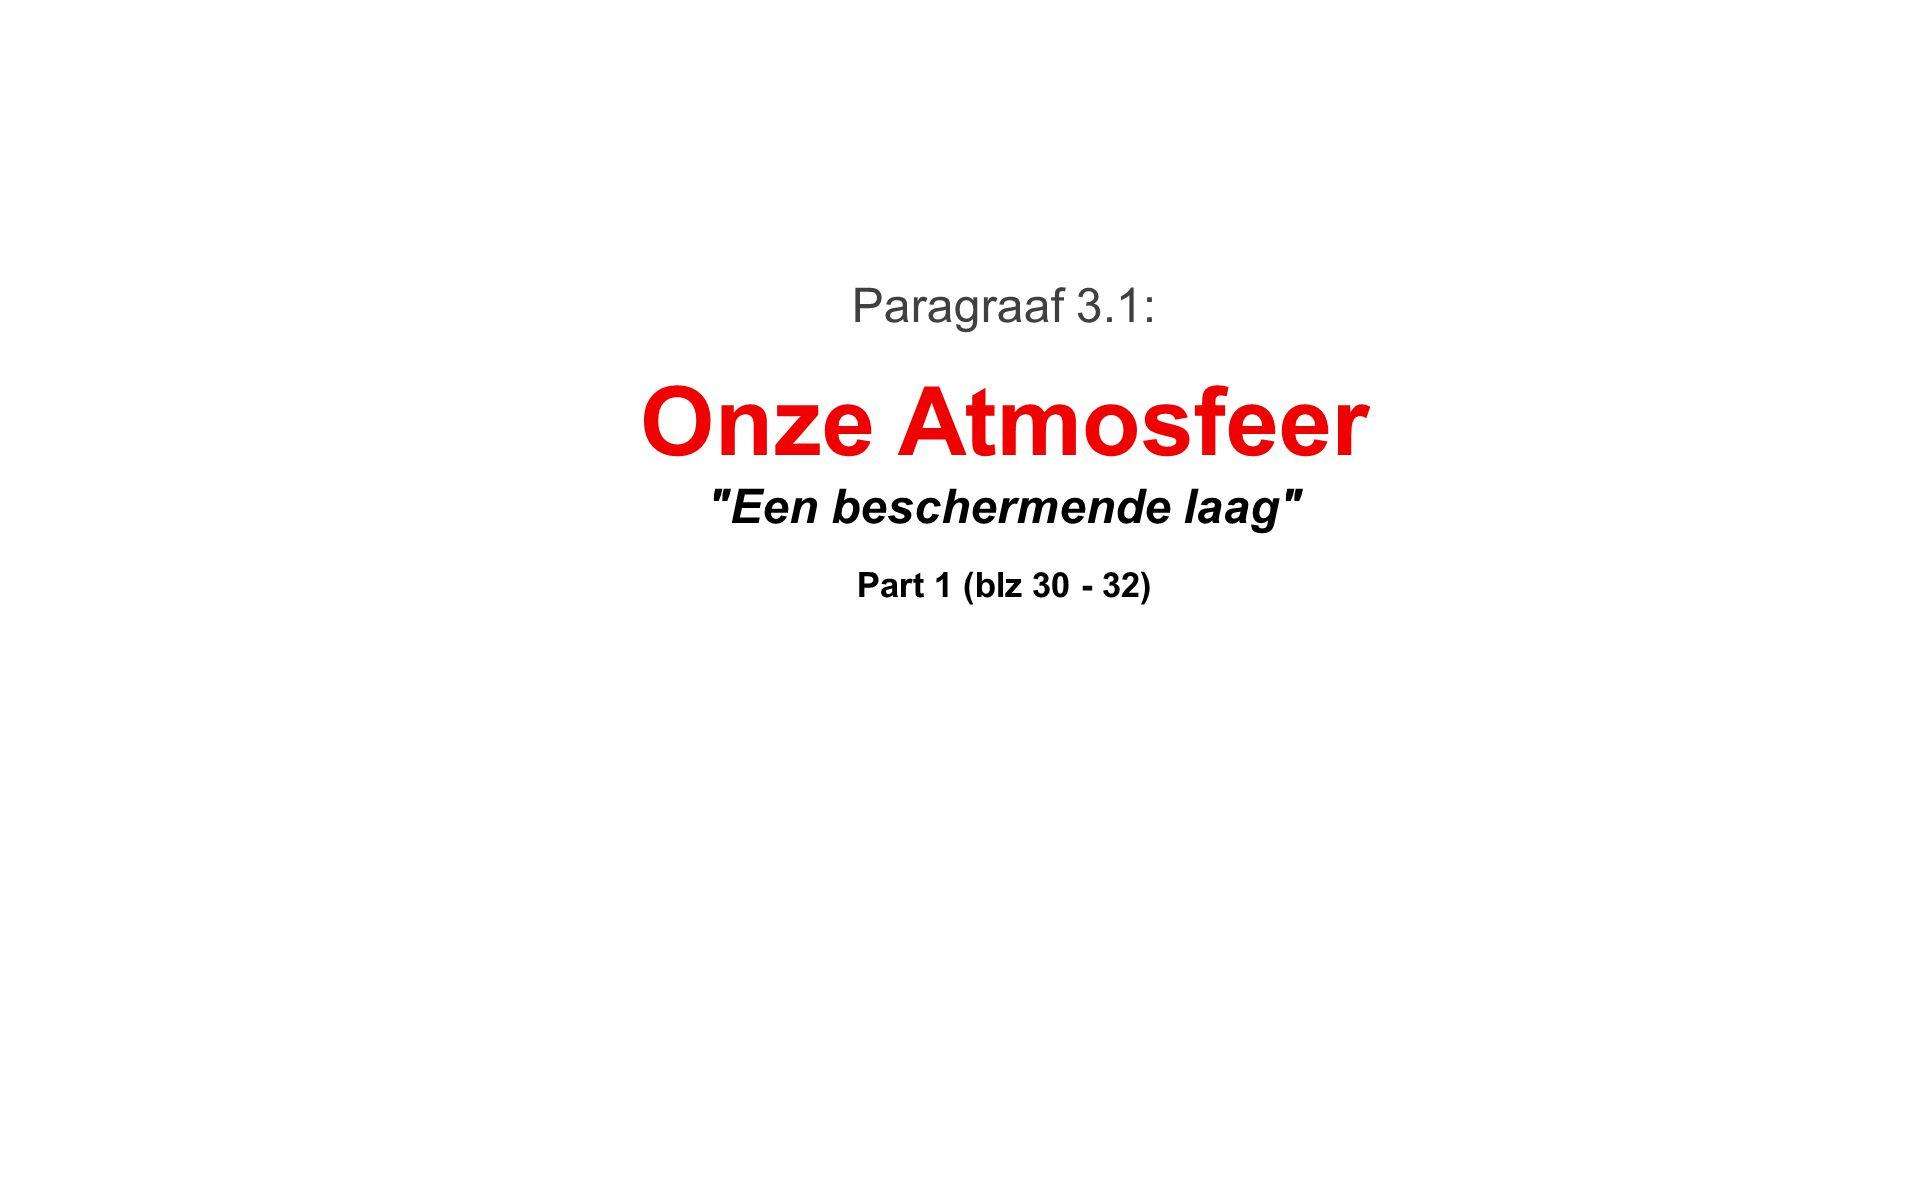 Paragraaf 3.1: Onze Atmosfeer